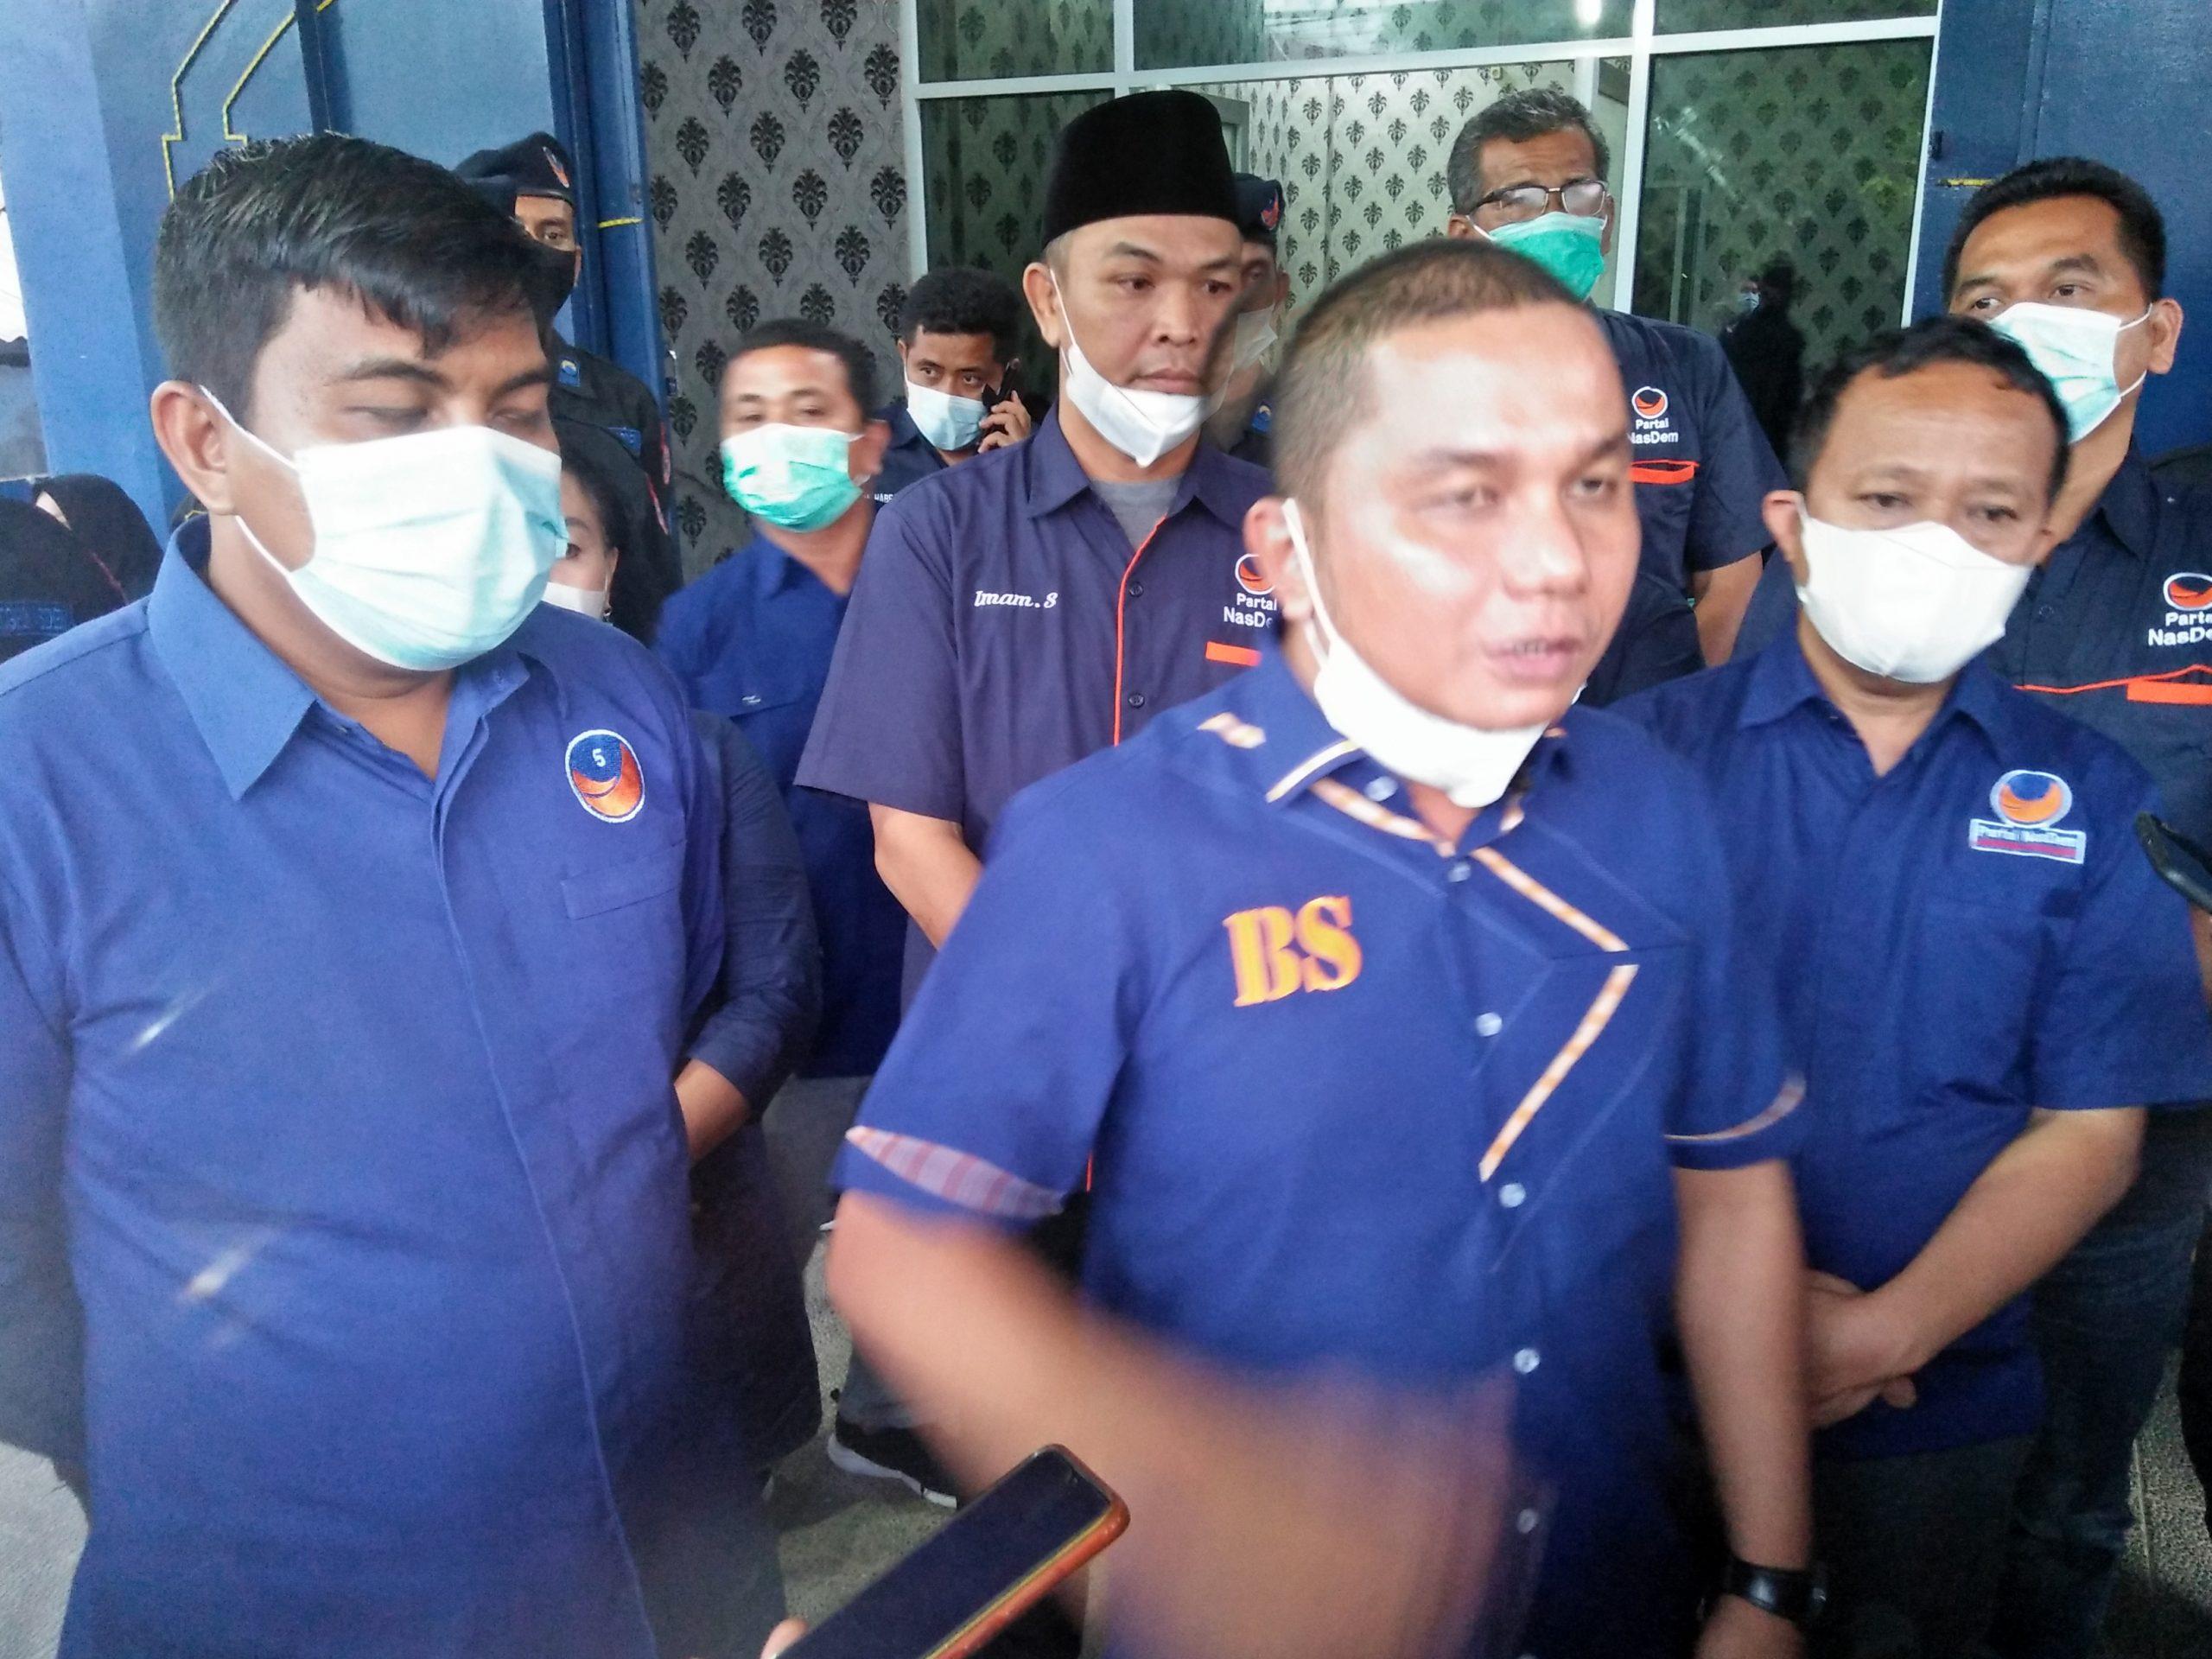 Bupati Tapteng, Bakhtiar Ahmad Sibarani saat memberikan penjelasab kepada wartawan. Foto: Rommy/ Rakyatsumut.com